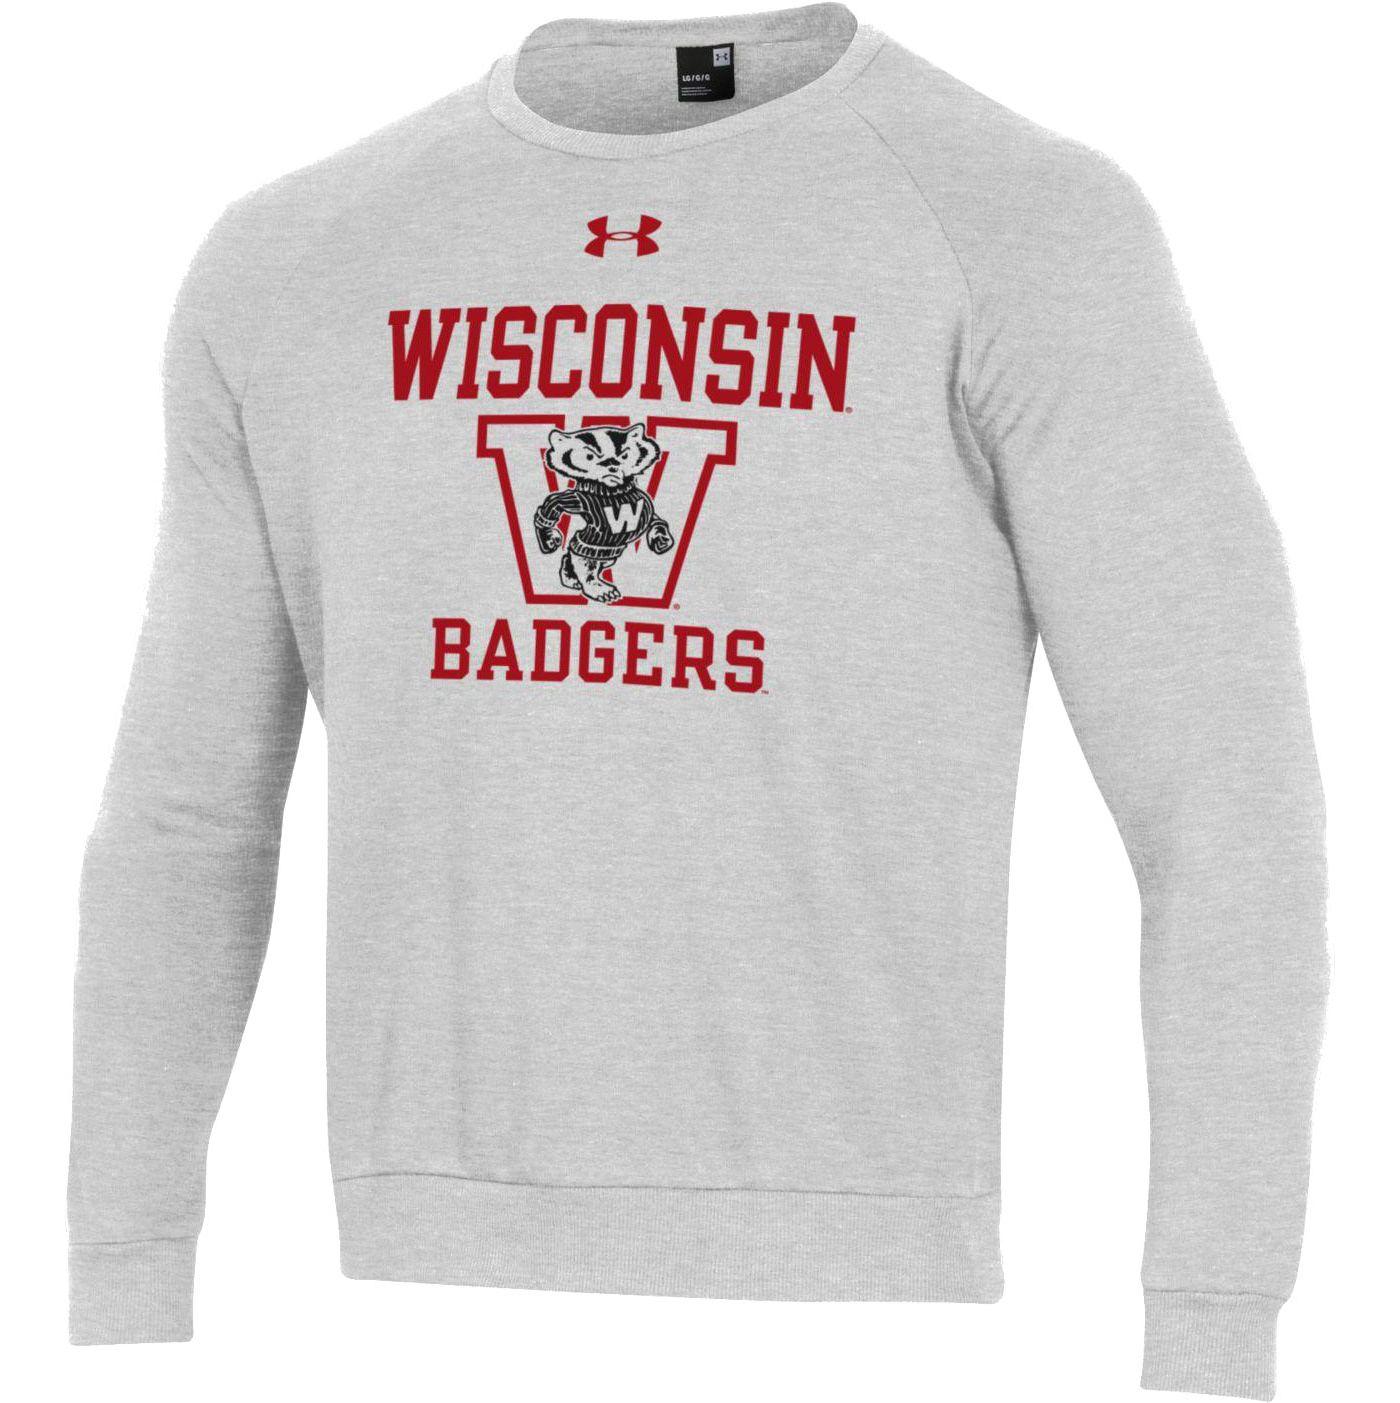 Under Armour Men's Wisconsin Badgers Grey All Day Fleece Crew Sweatshirt